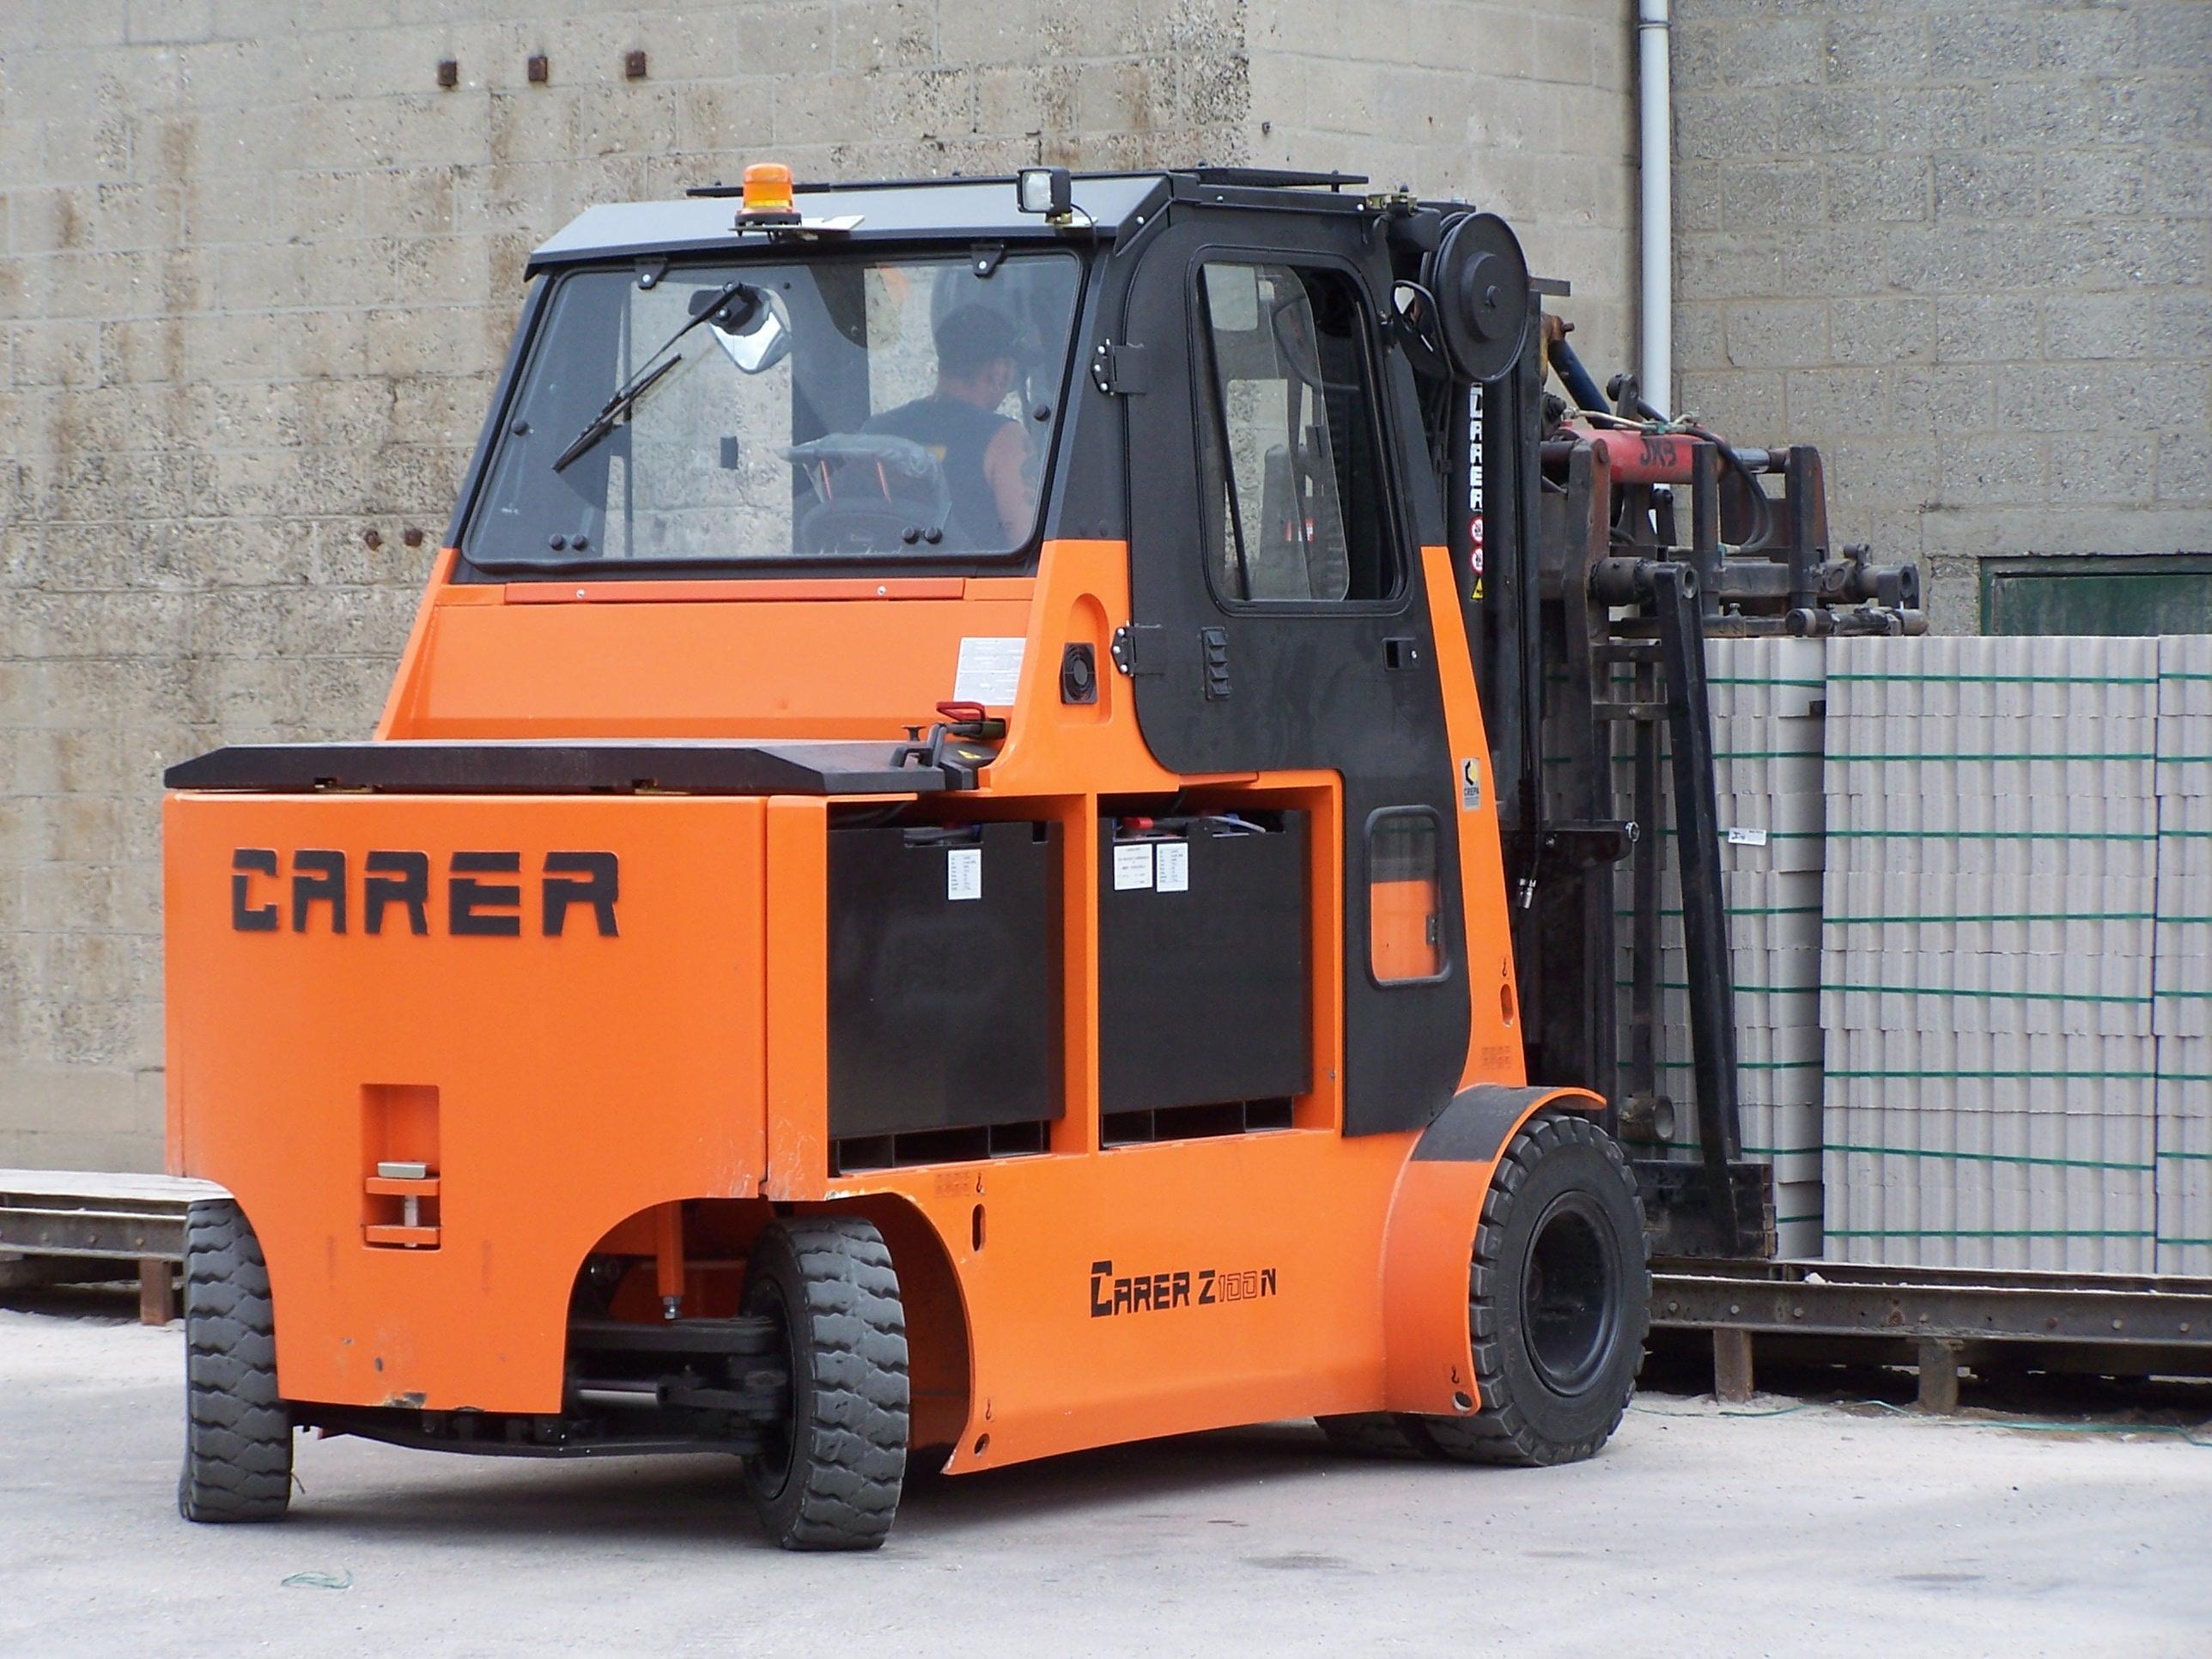 Carer Z-Serie